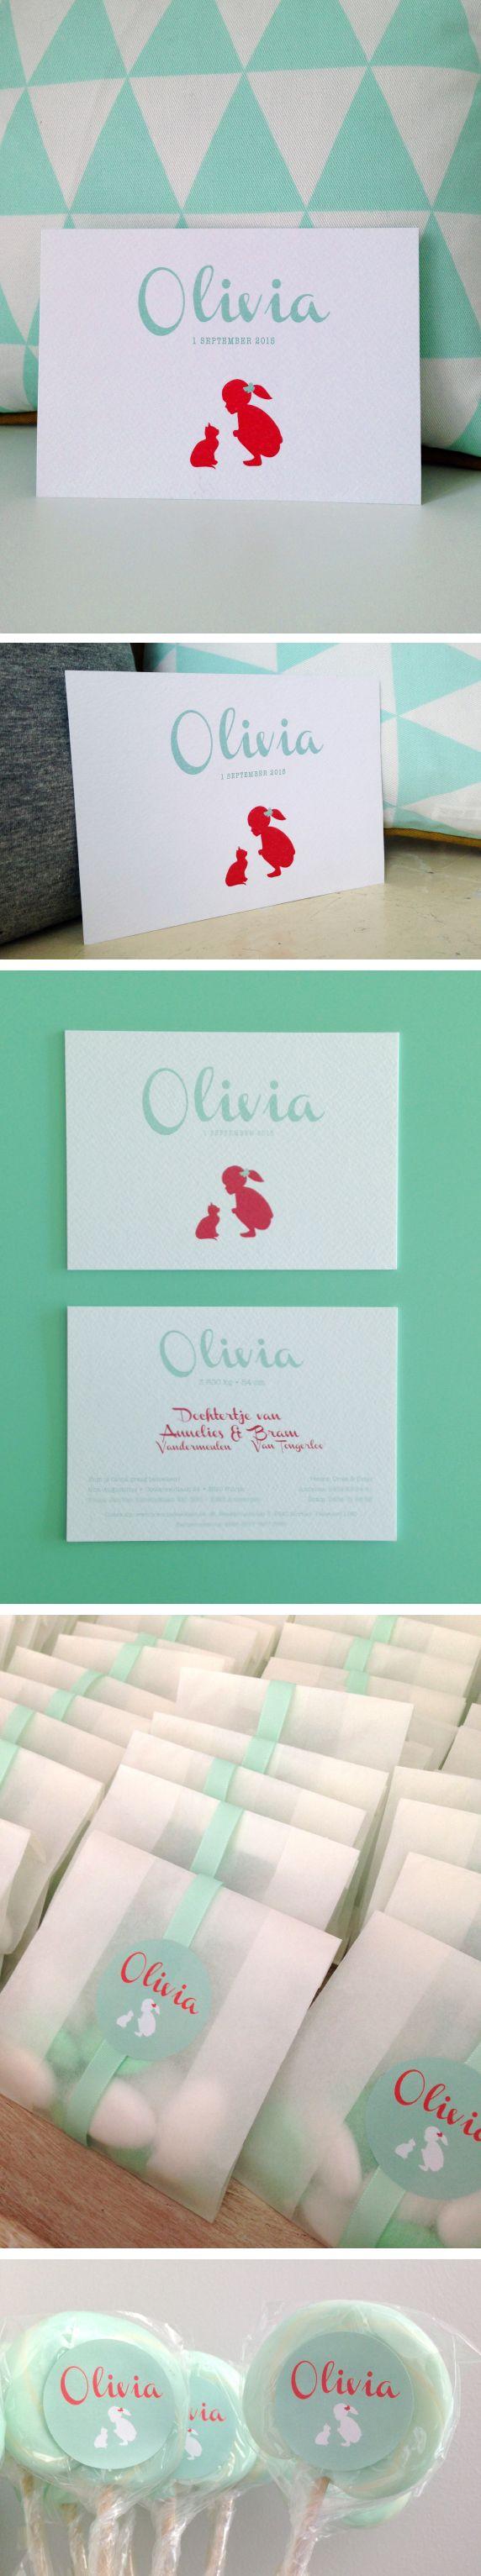 Geboortekaartje Olivia, silhouette met poes en meisje. Koraalrood en muntgroen.